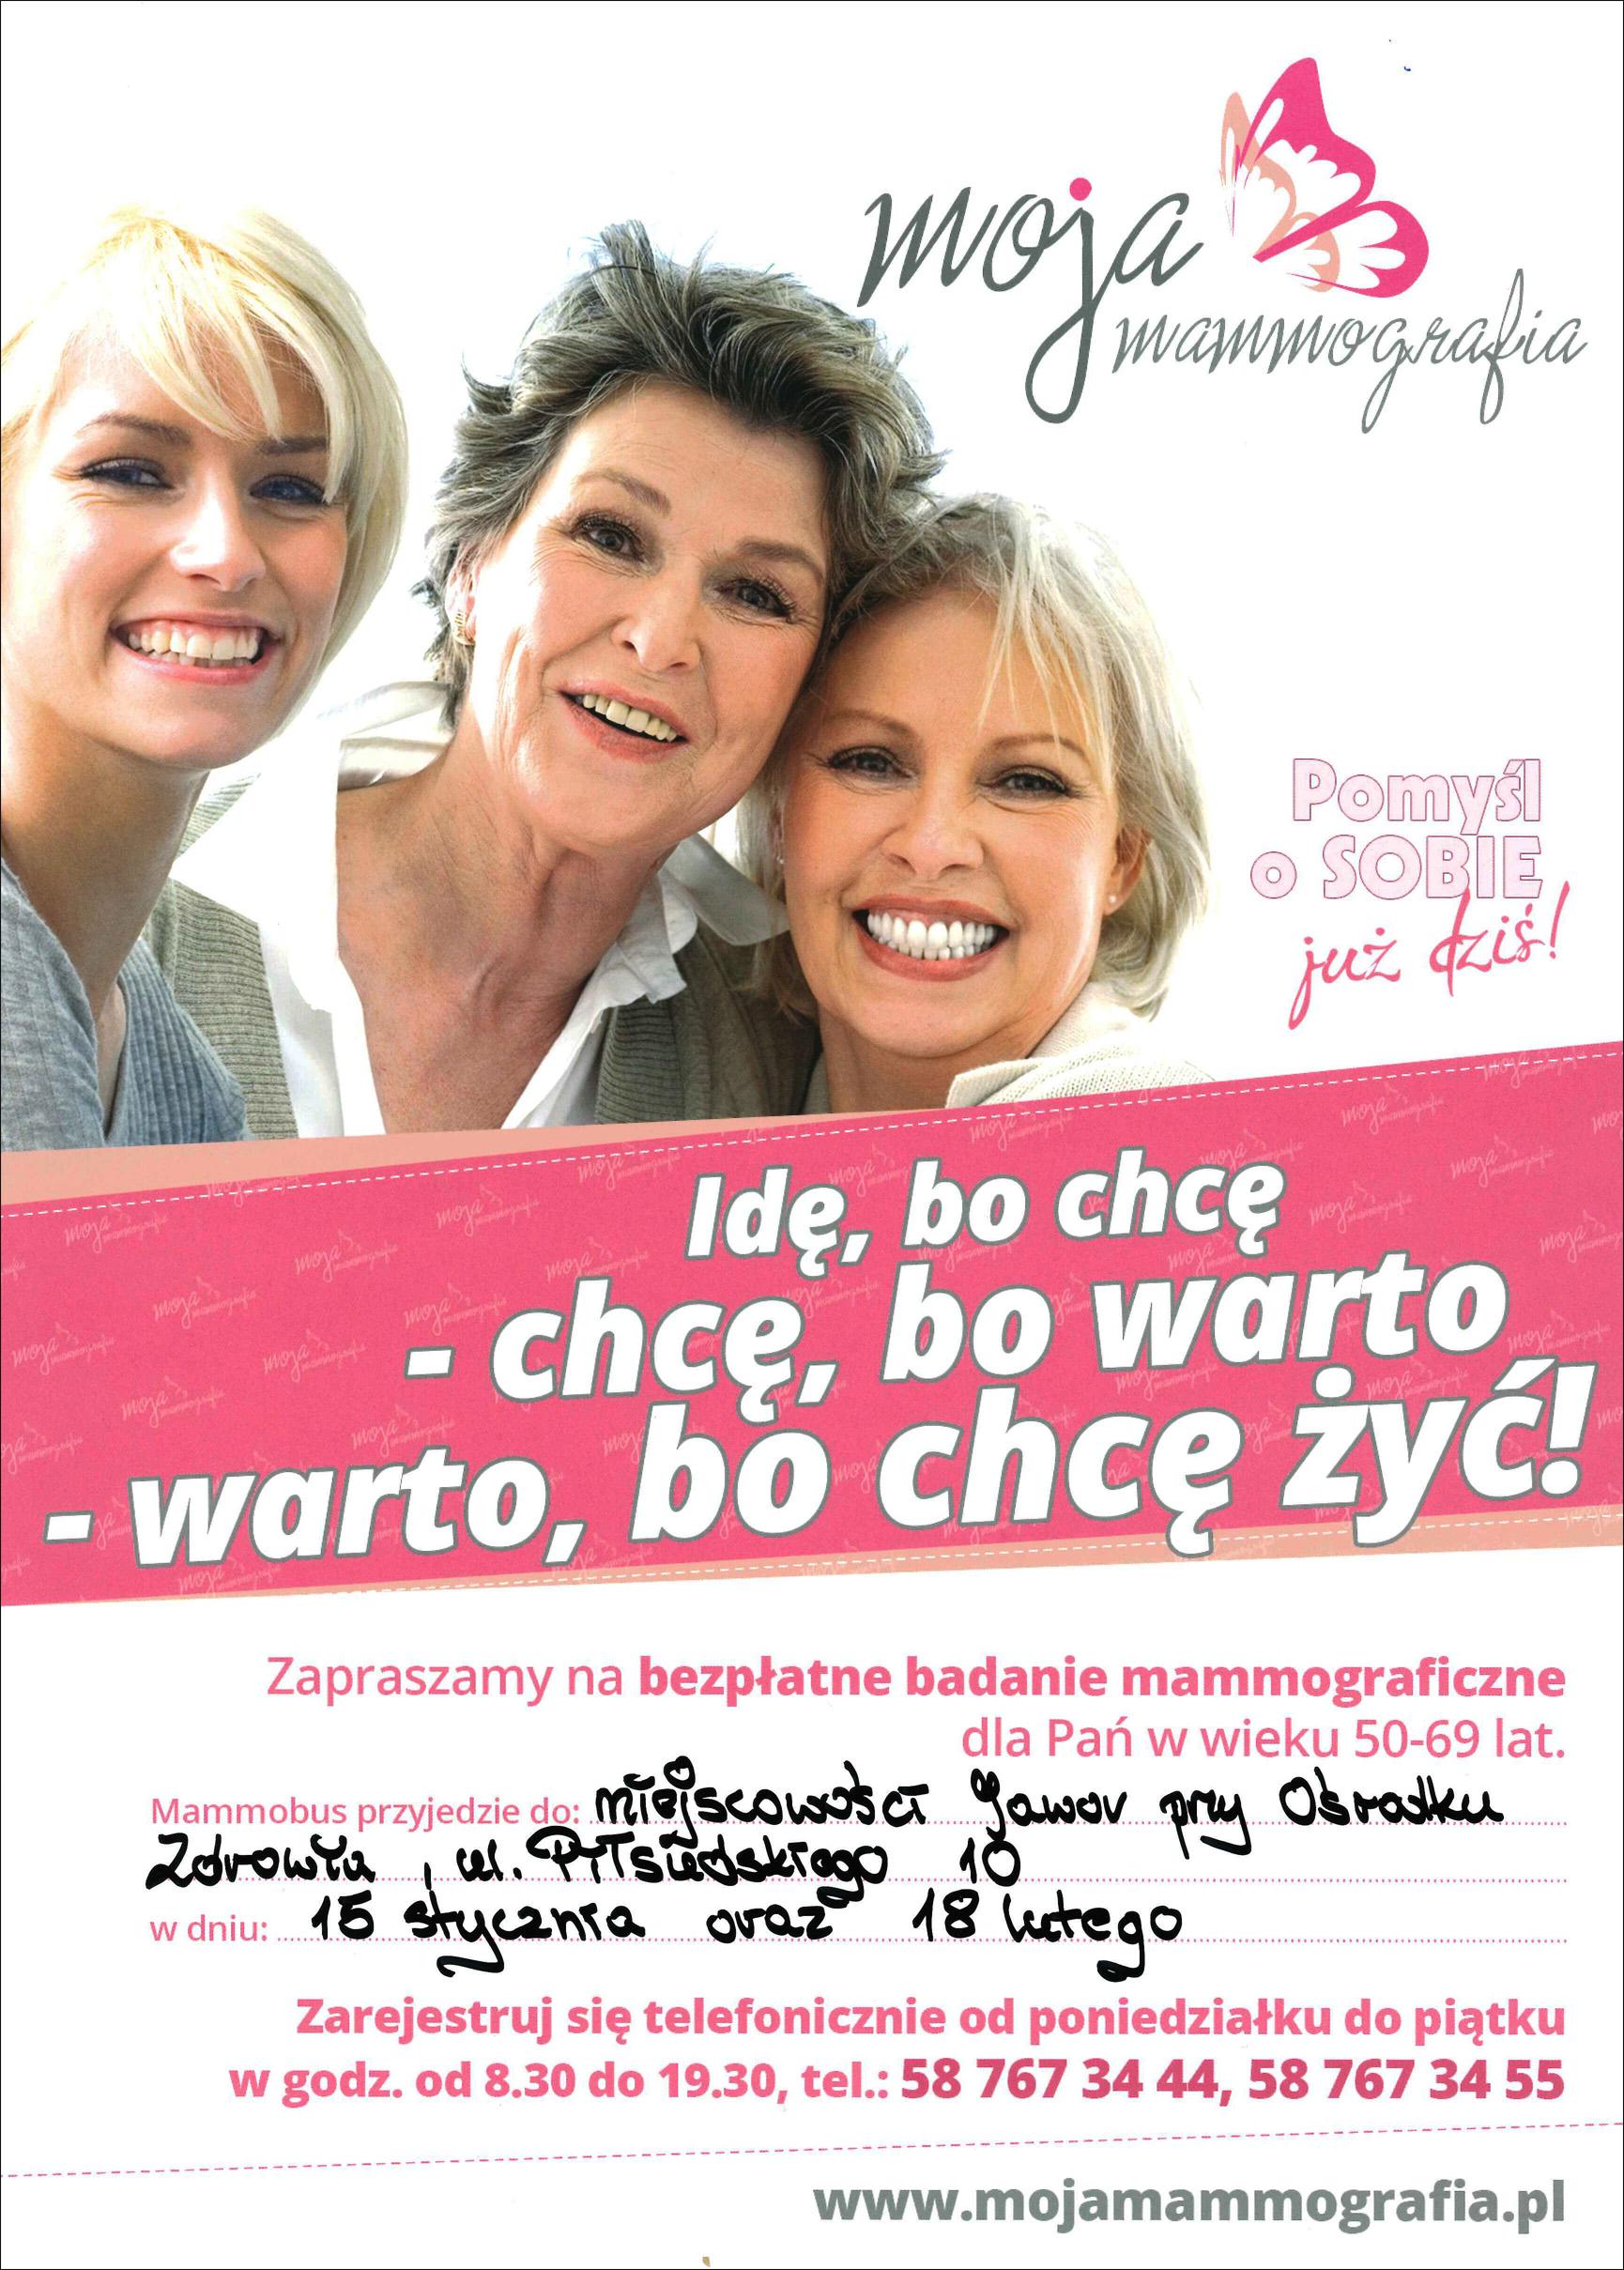 Mammografia_15styczen